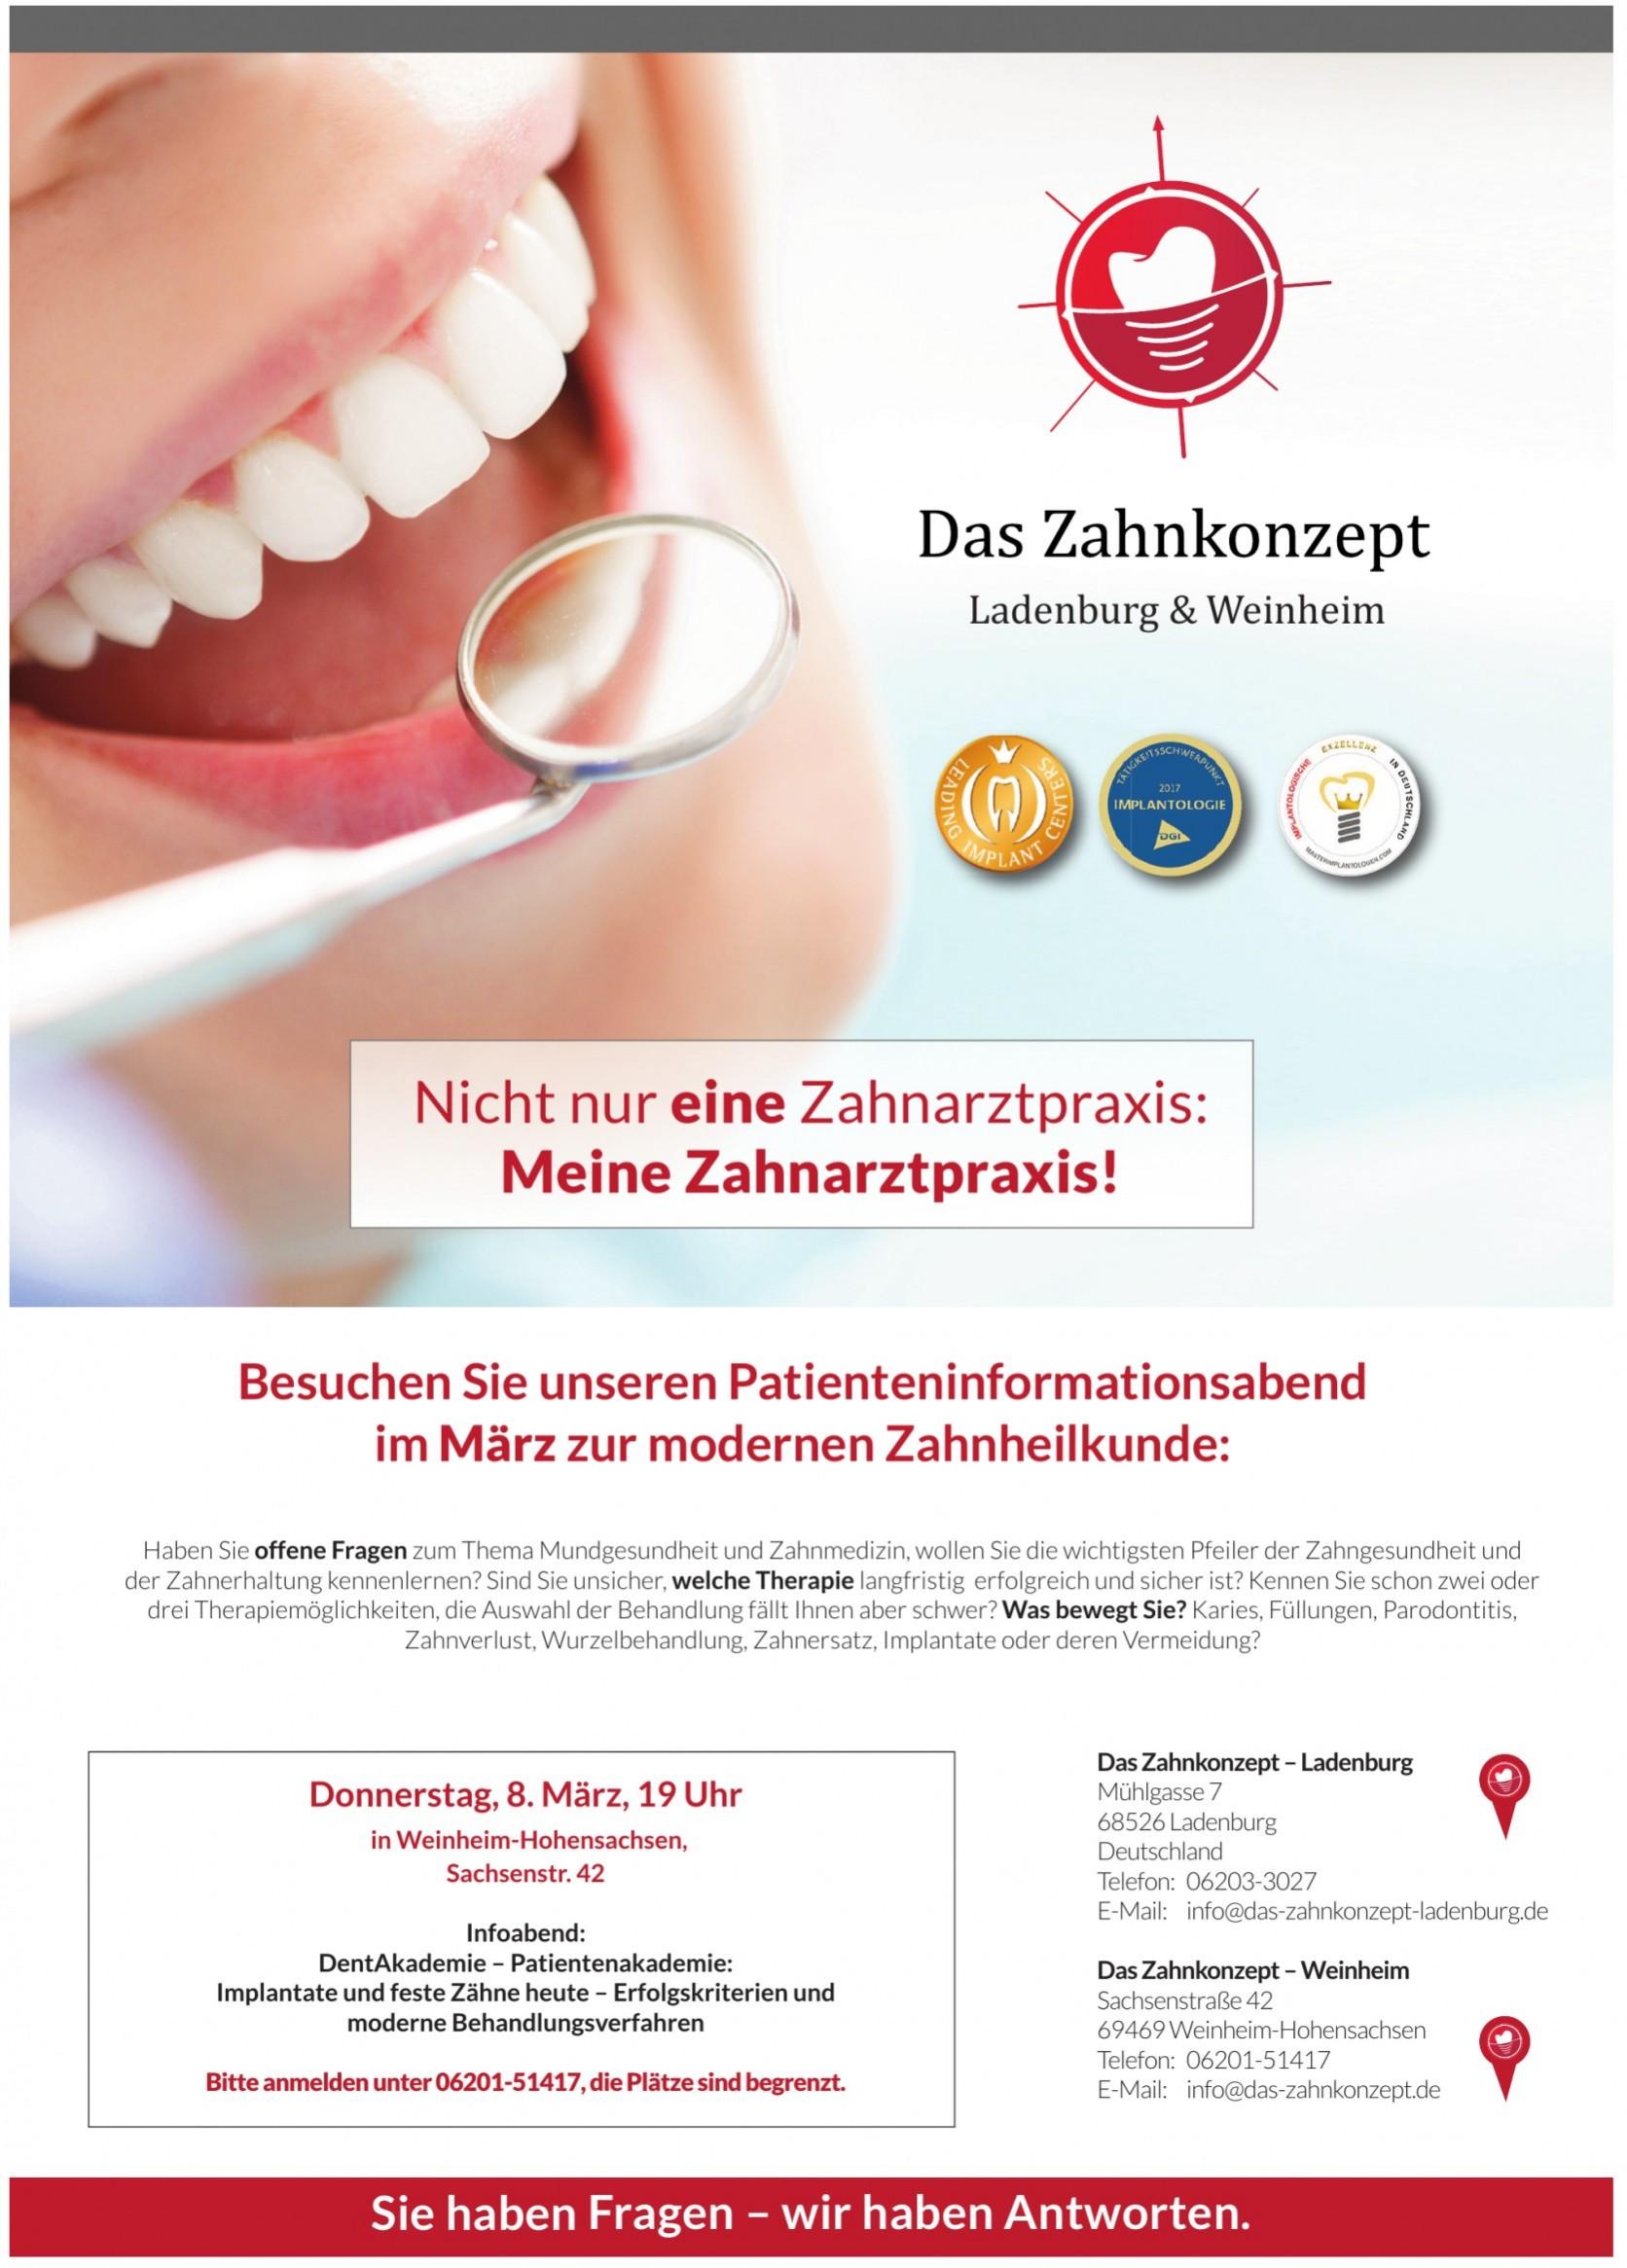 Das Zahnkonzept–Ladenburg